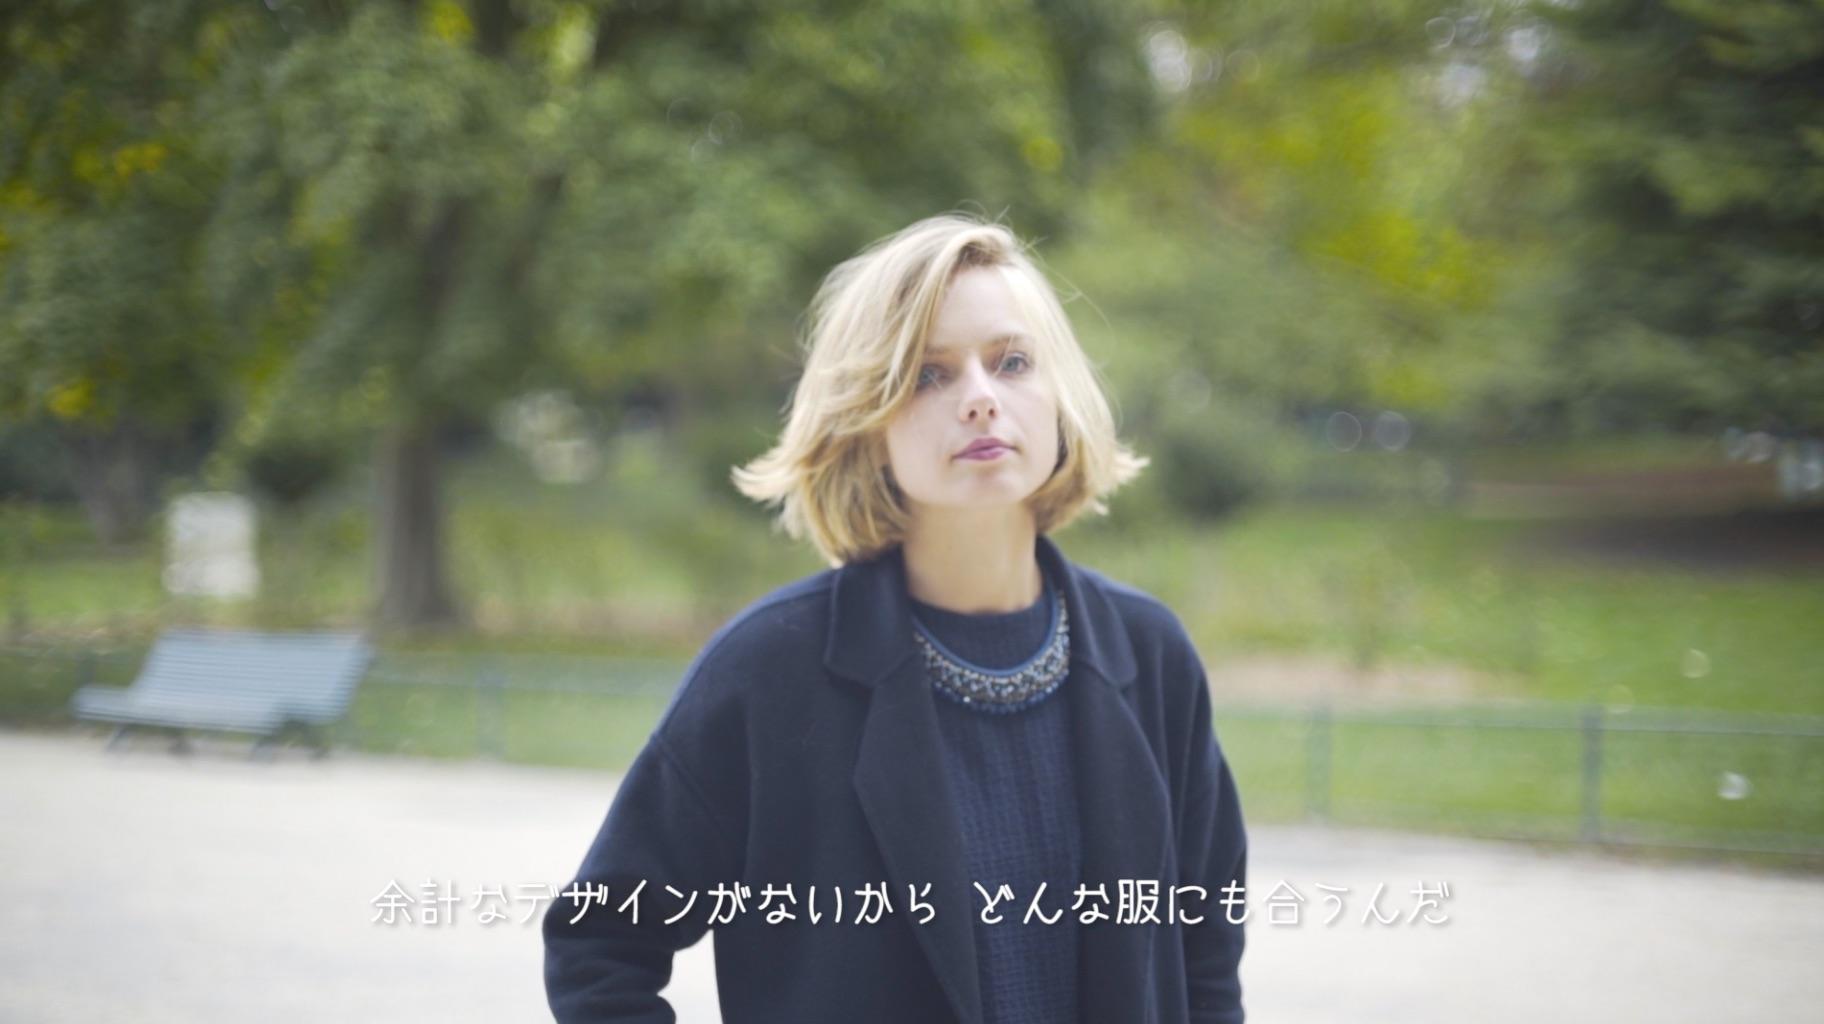 【Paris】女性っぽさと男性っぽさが調和したシンプルなスタイル